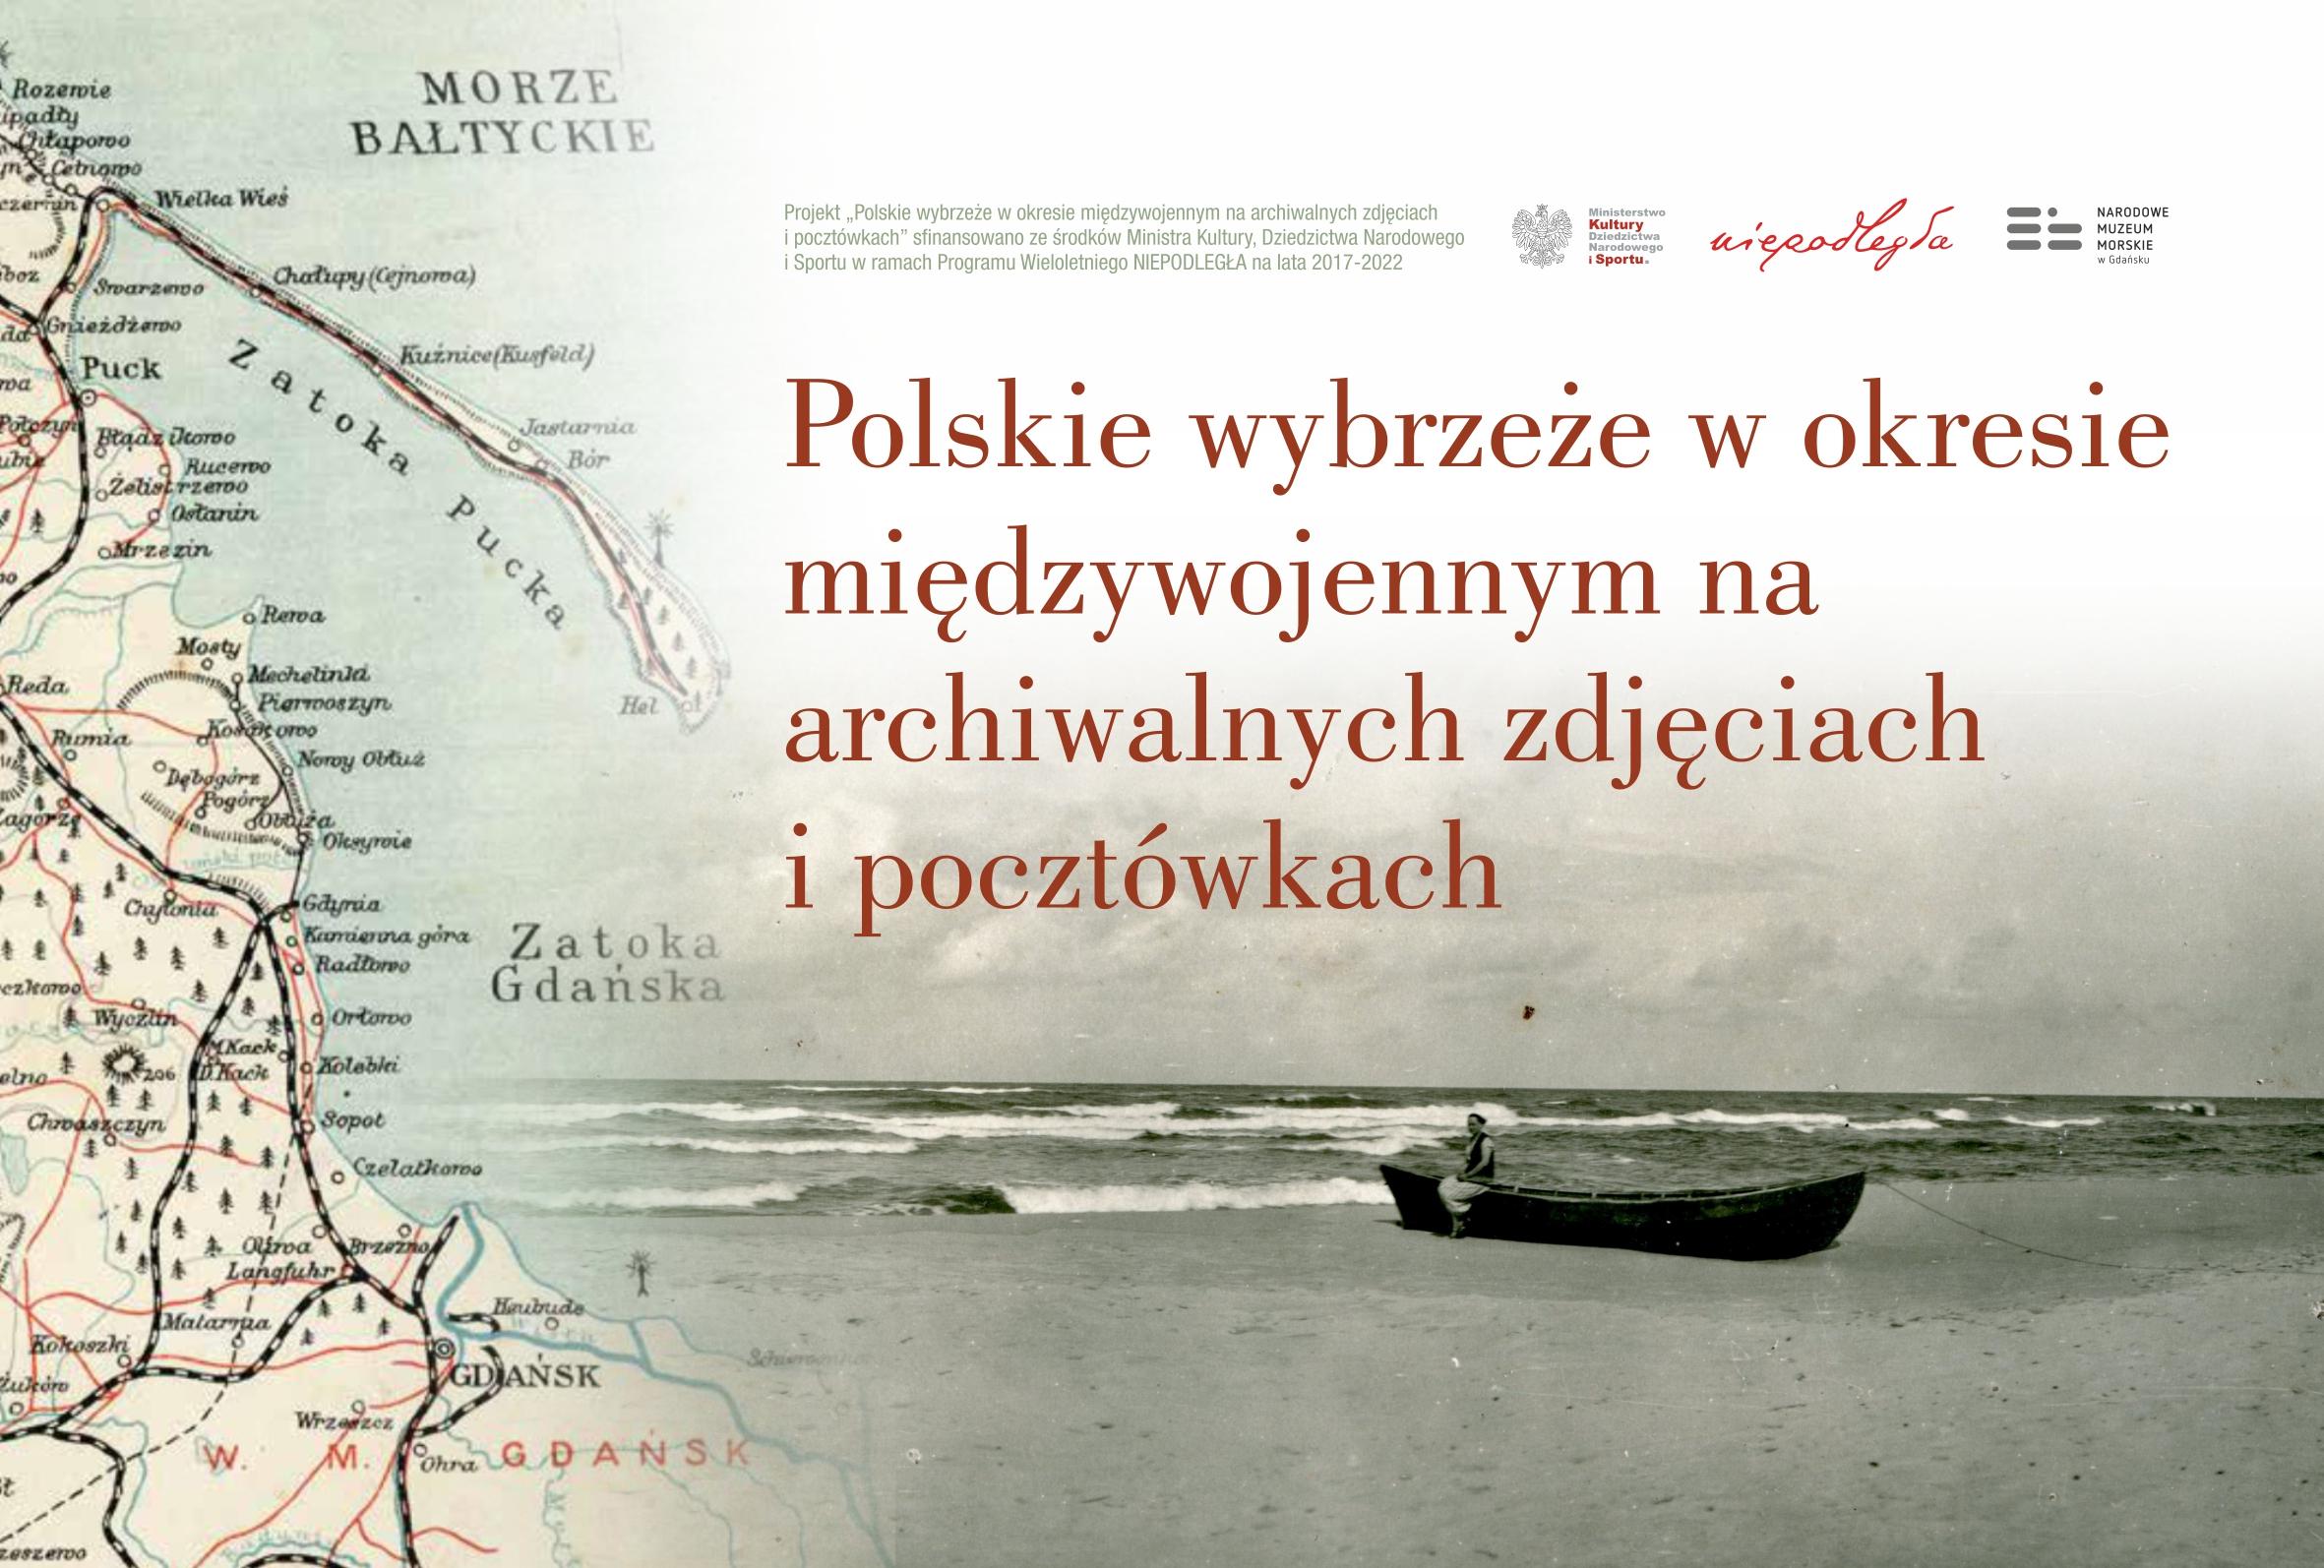 Wirtualna podróż na polskie wybrzeże lat międzywojennych